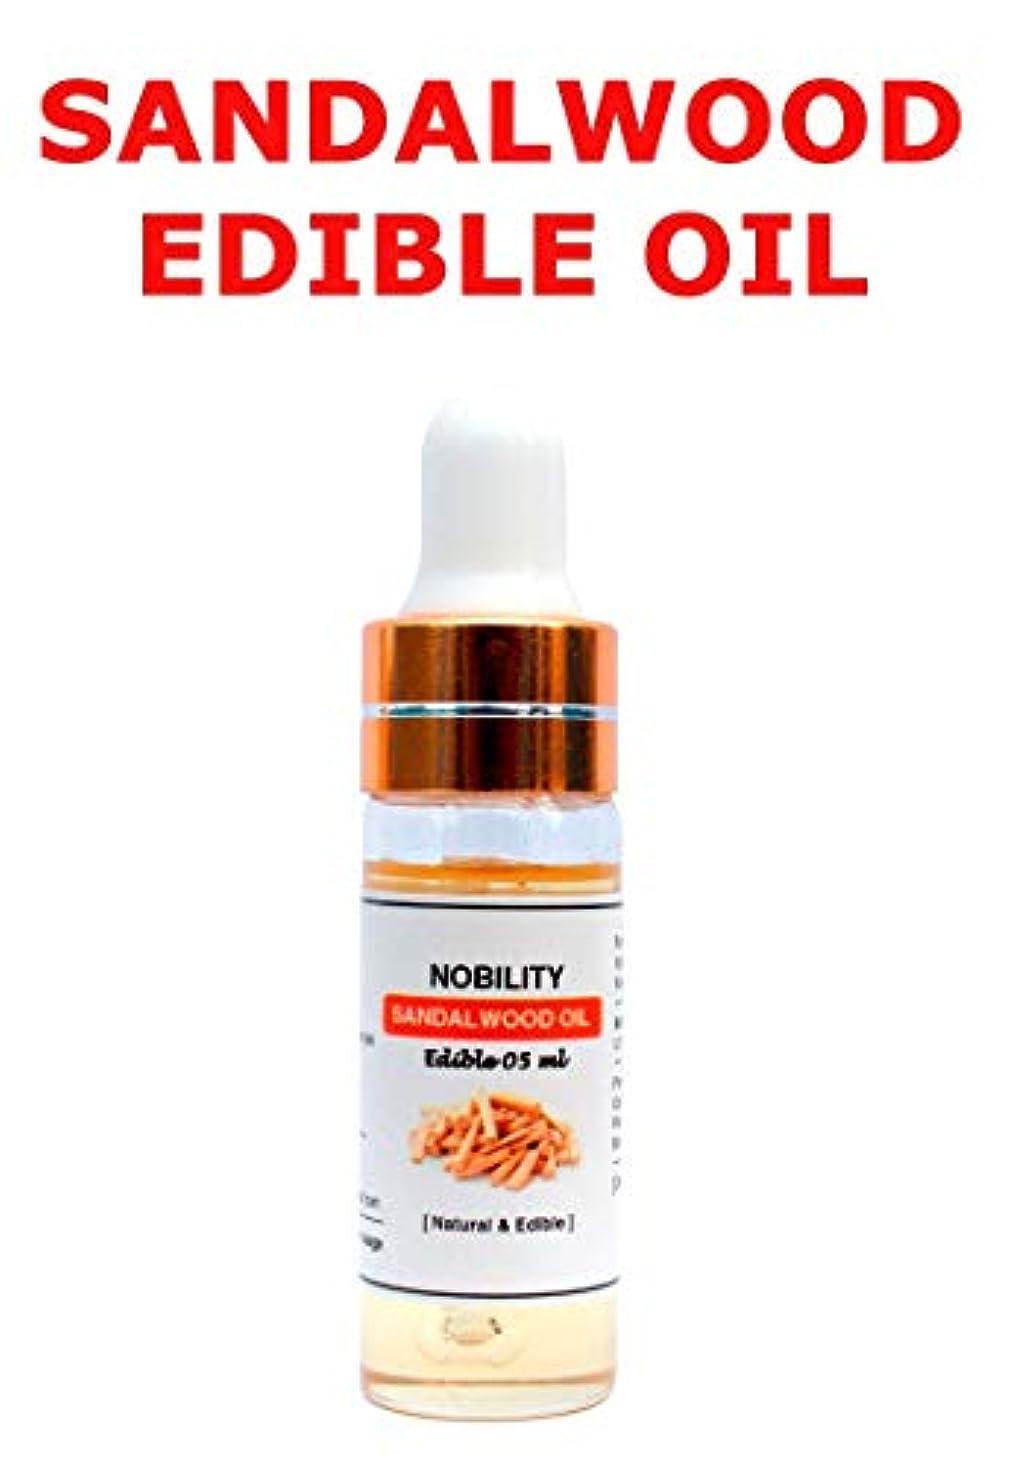 渦減少超高層ビルピュアサンダルウッド食用油 - Certified Sandalwood Edible Oil - Size : (05 ML)